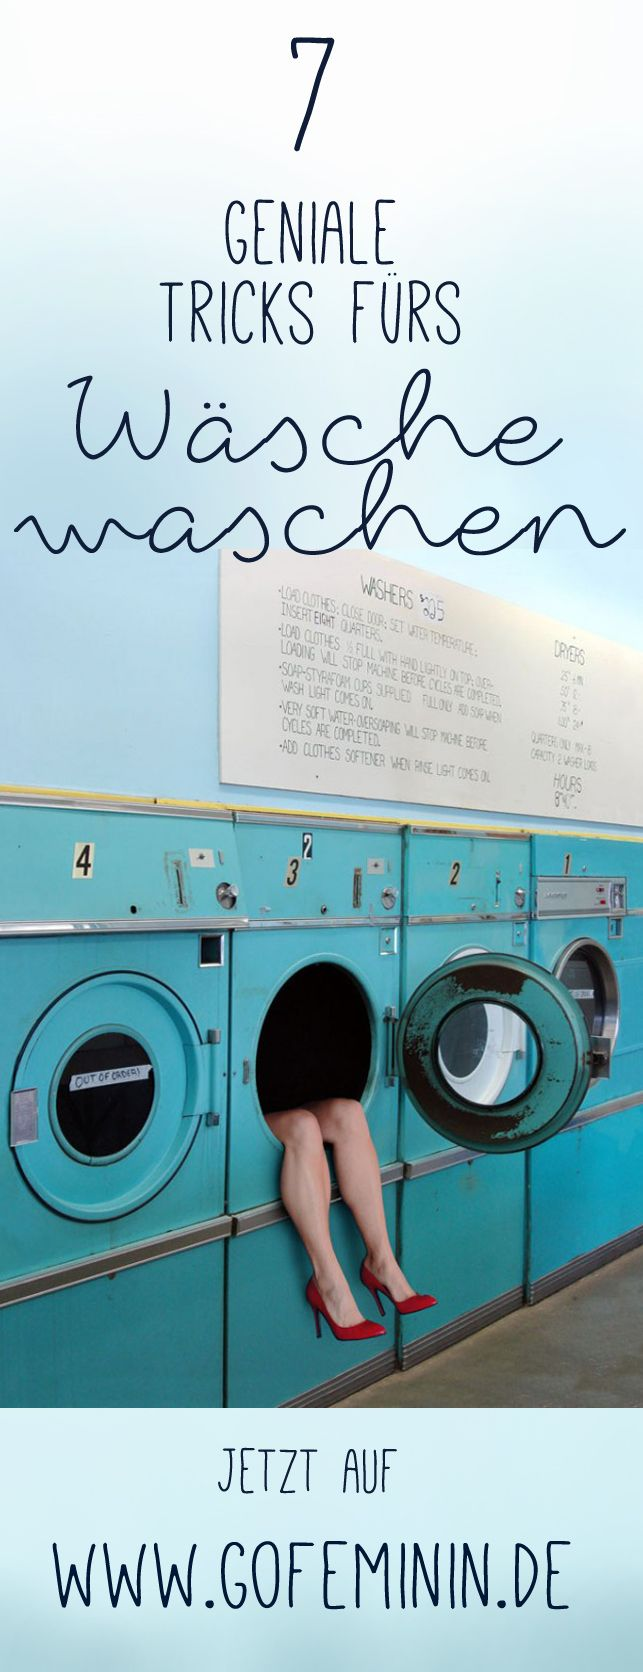 Diese Tricks müsst ihr kennen: http://www.gofeminin.de/styling-tipps/tricks-wasche-waschen-s1471820.html #lifehacks #hacks #laundry #wäschewaschen #haushaltstipps #tippstricks